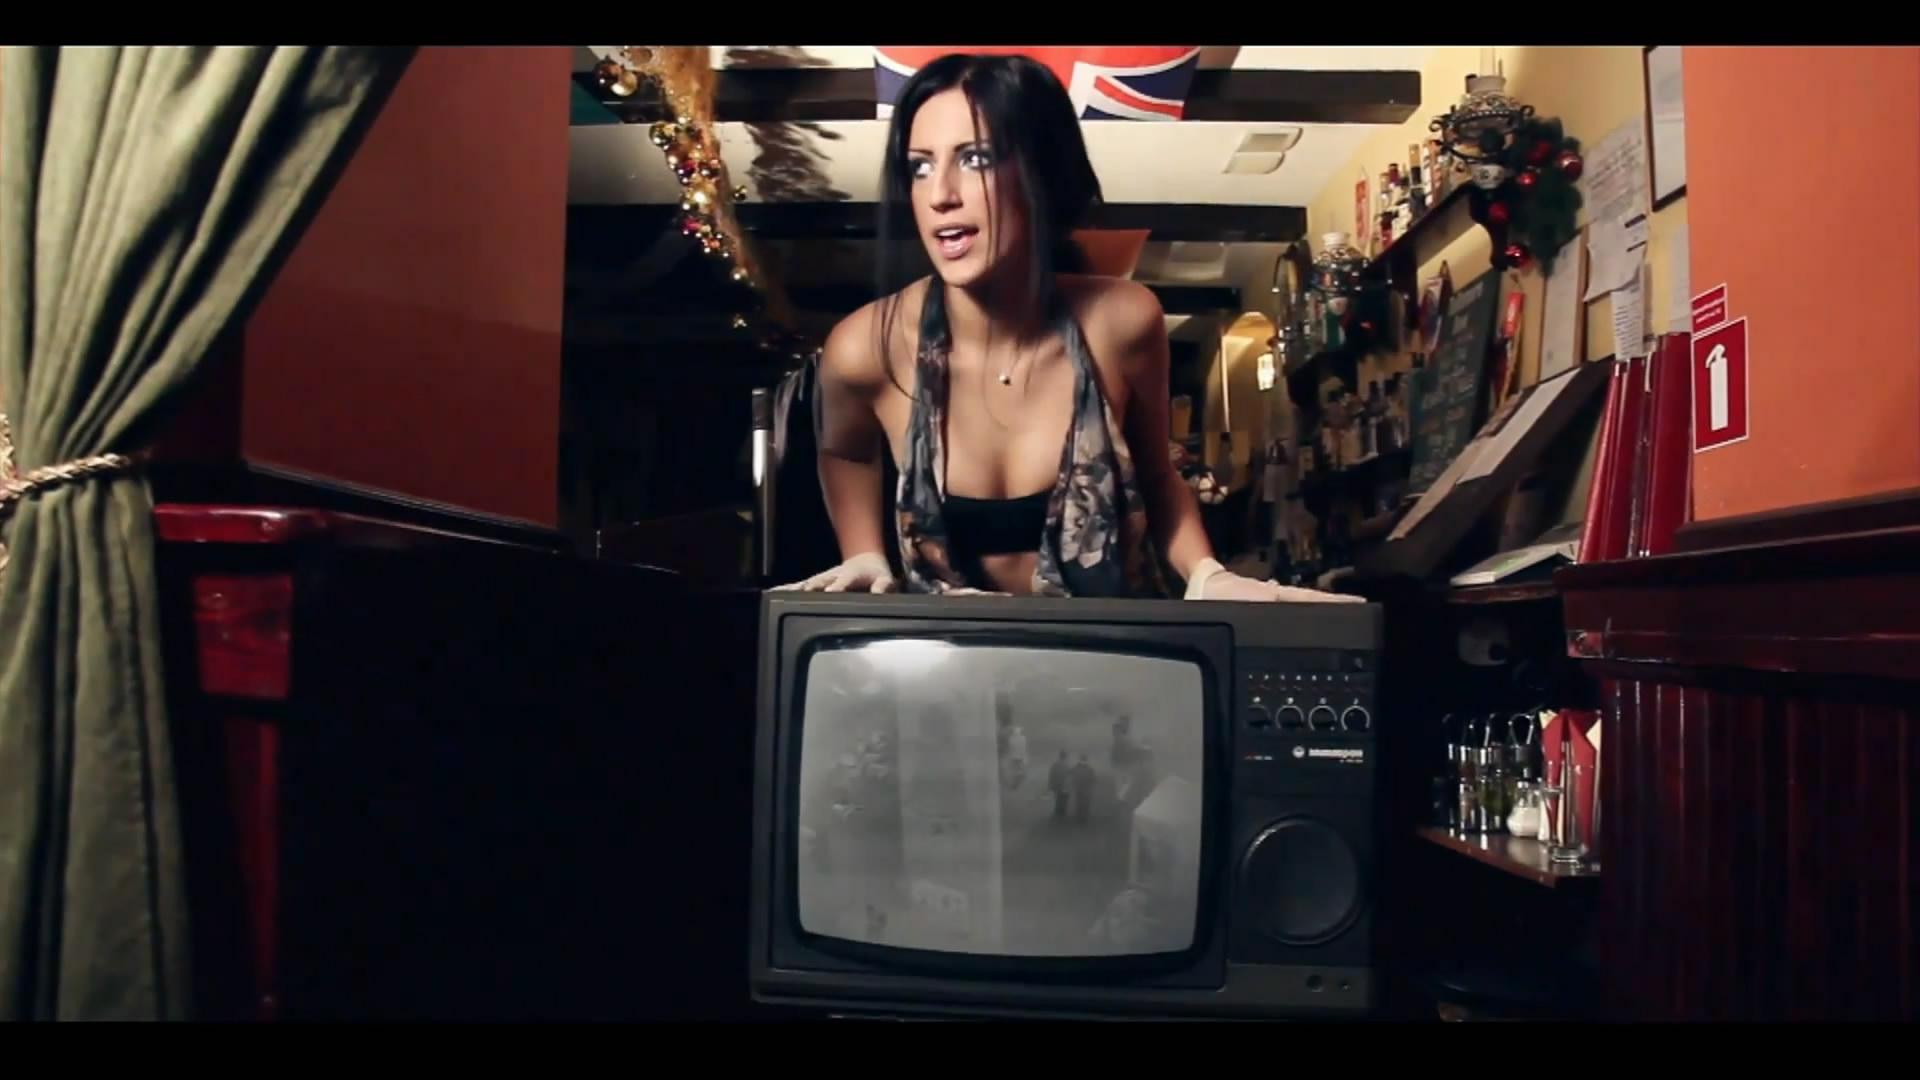 Эротические музыкальные клипы hd смотреть 22 фотография